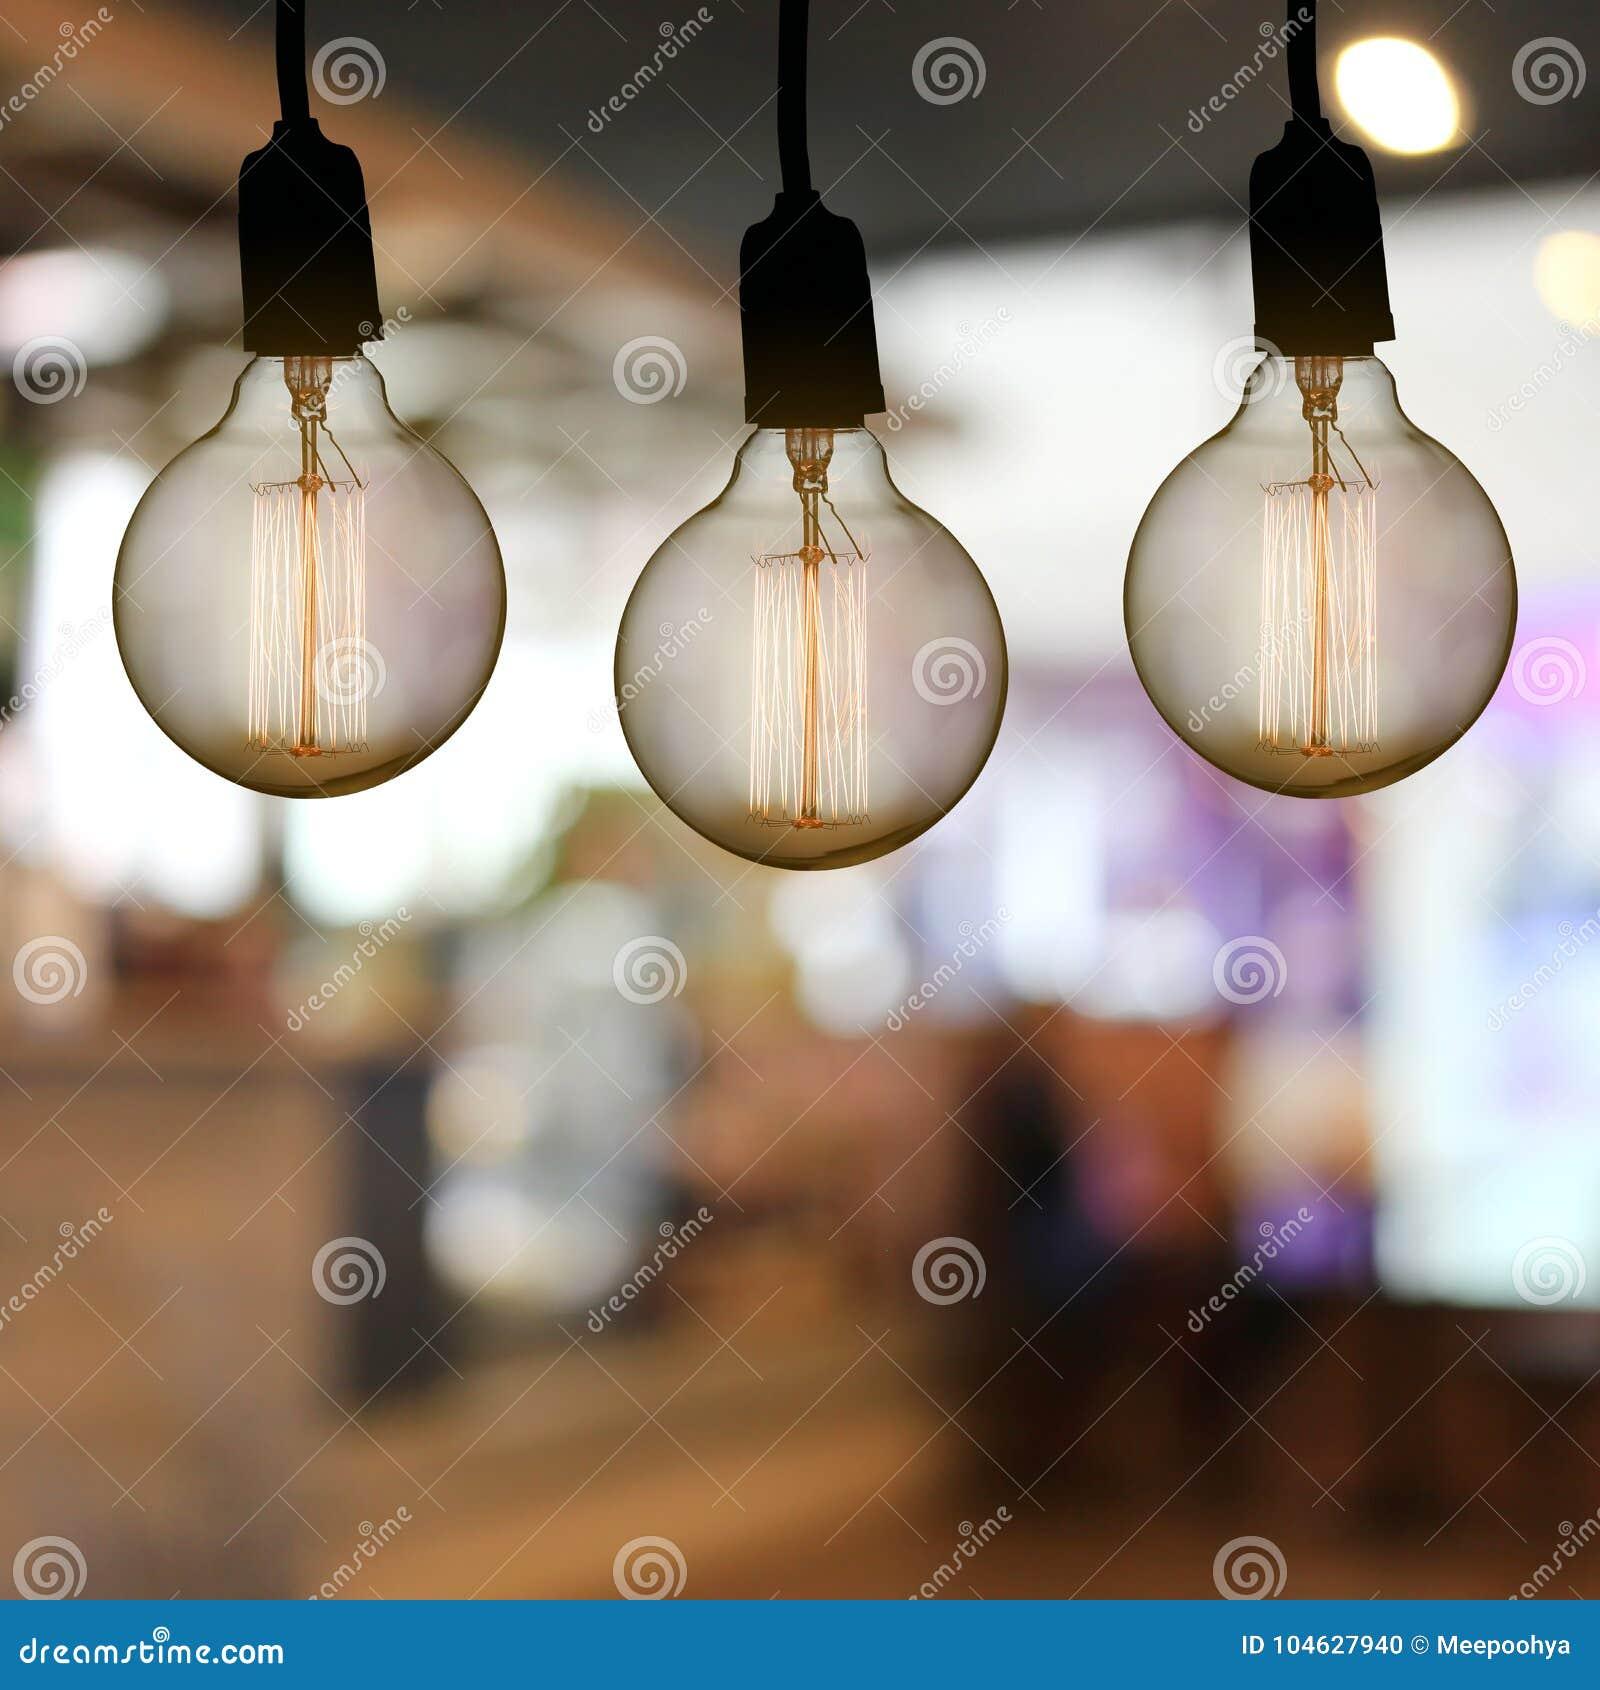 Download De Uitstekende Lamp Of De Moderne Gloeilamp Hangt Op Plafond In Restaur Stock Foto - Afbeelding bestaande uit ontwerp, koffie: 104627940